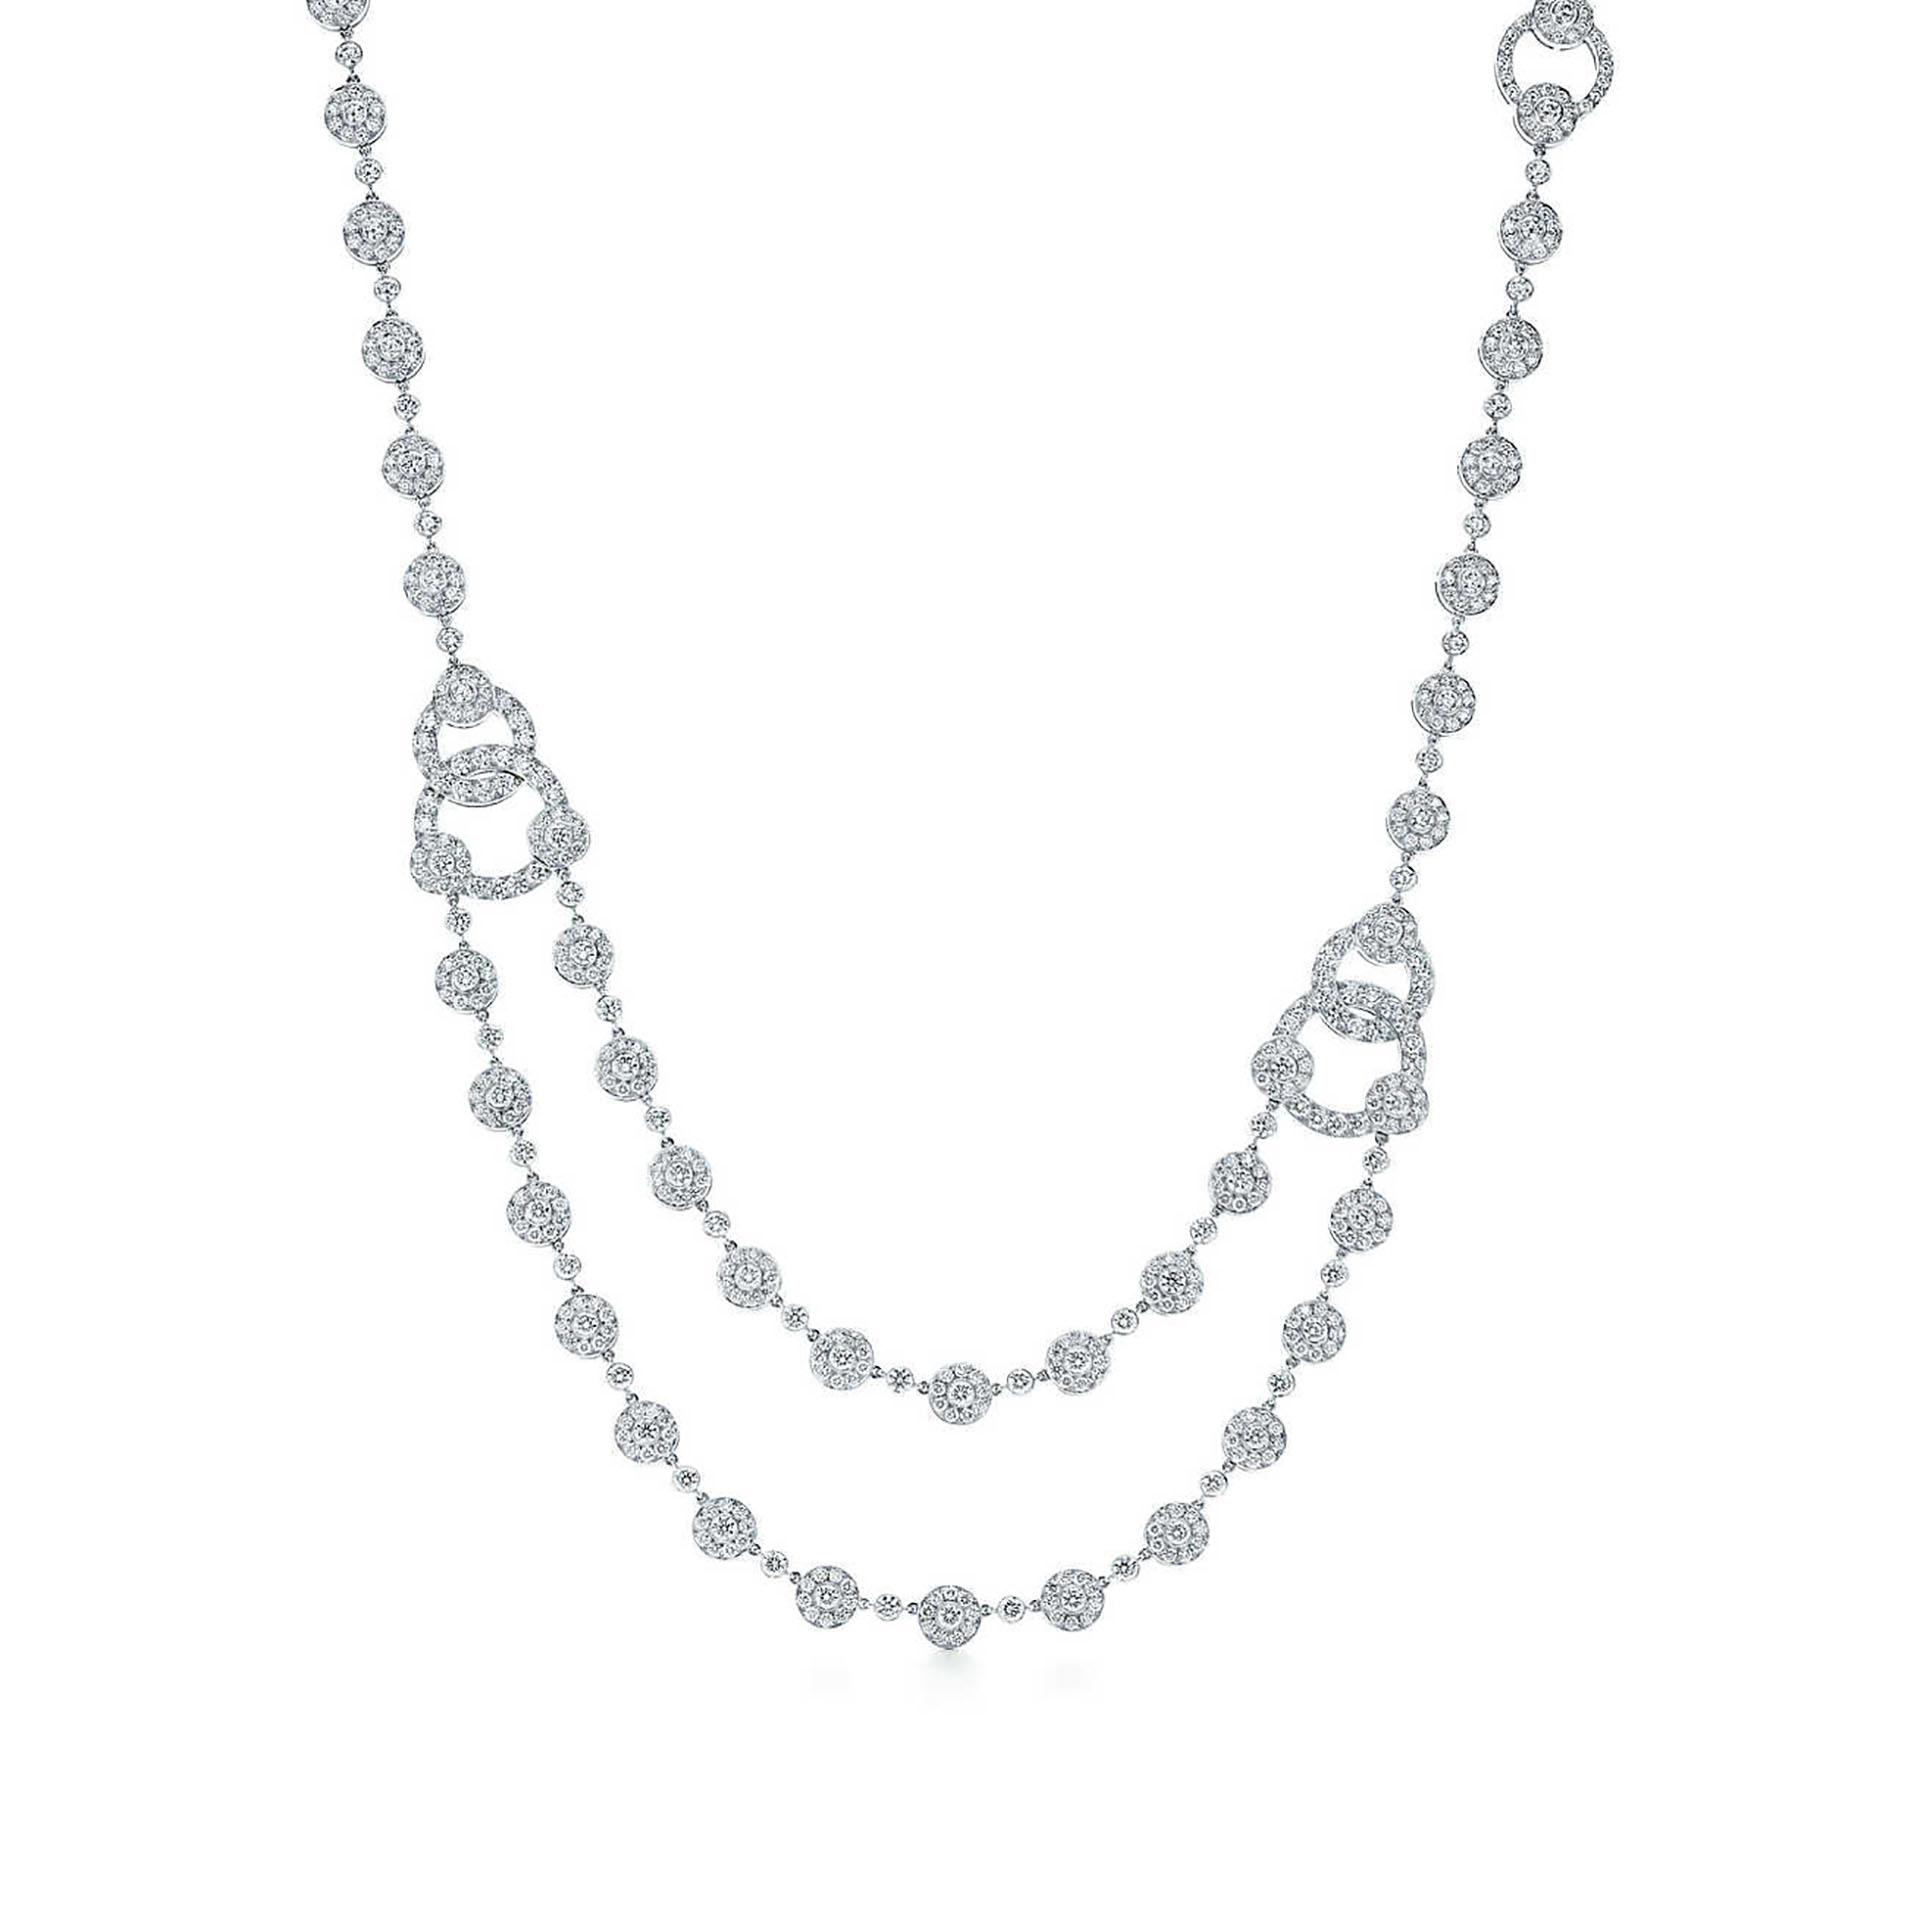 Para poder lucir en el cuello este collar de brillantes de la gigante firma de joyería neoyorkina se necesitan 150.000 dólares. Esta pieza está inspirada en el Art Decó con brillantes diamantes redondos de platino que en total pesan 30 quilates (Tiffany & Co.)